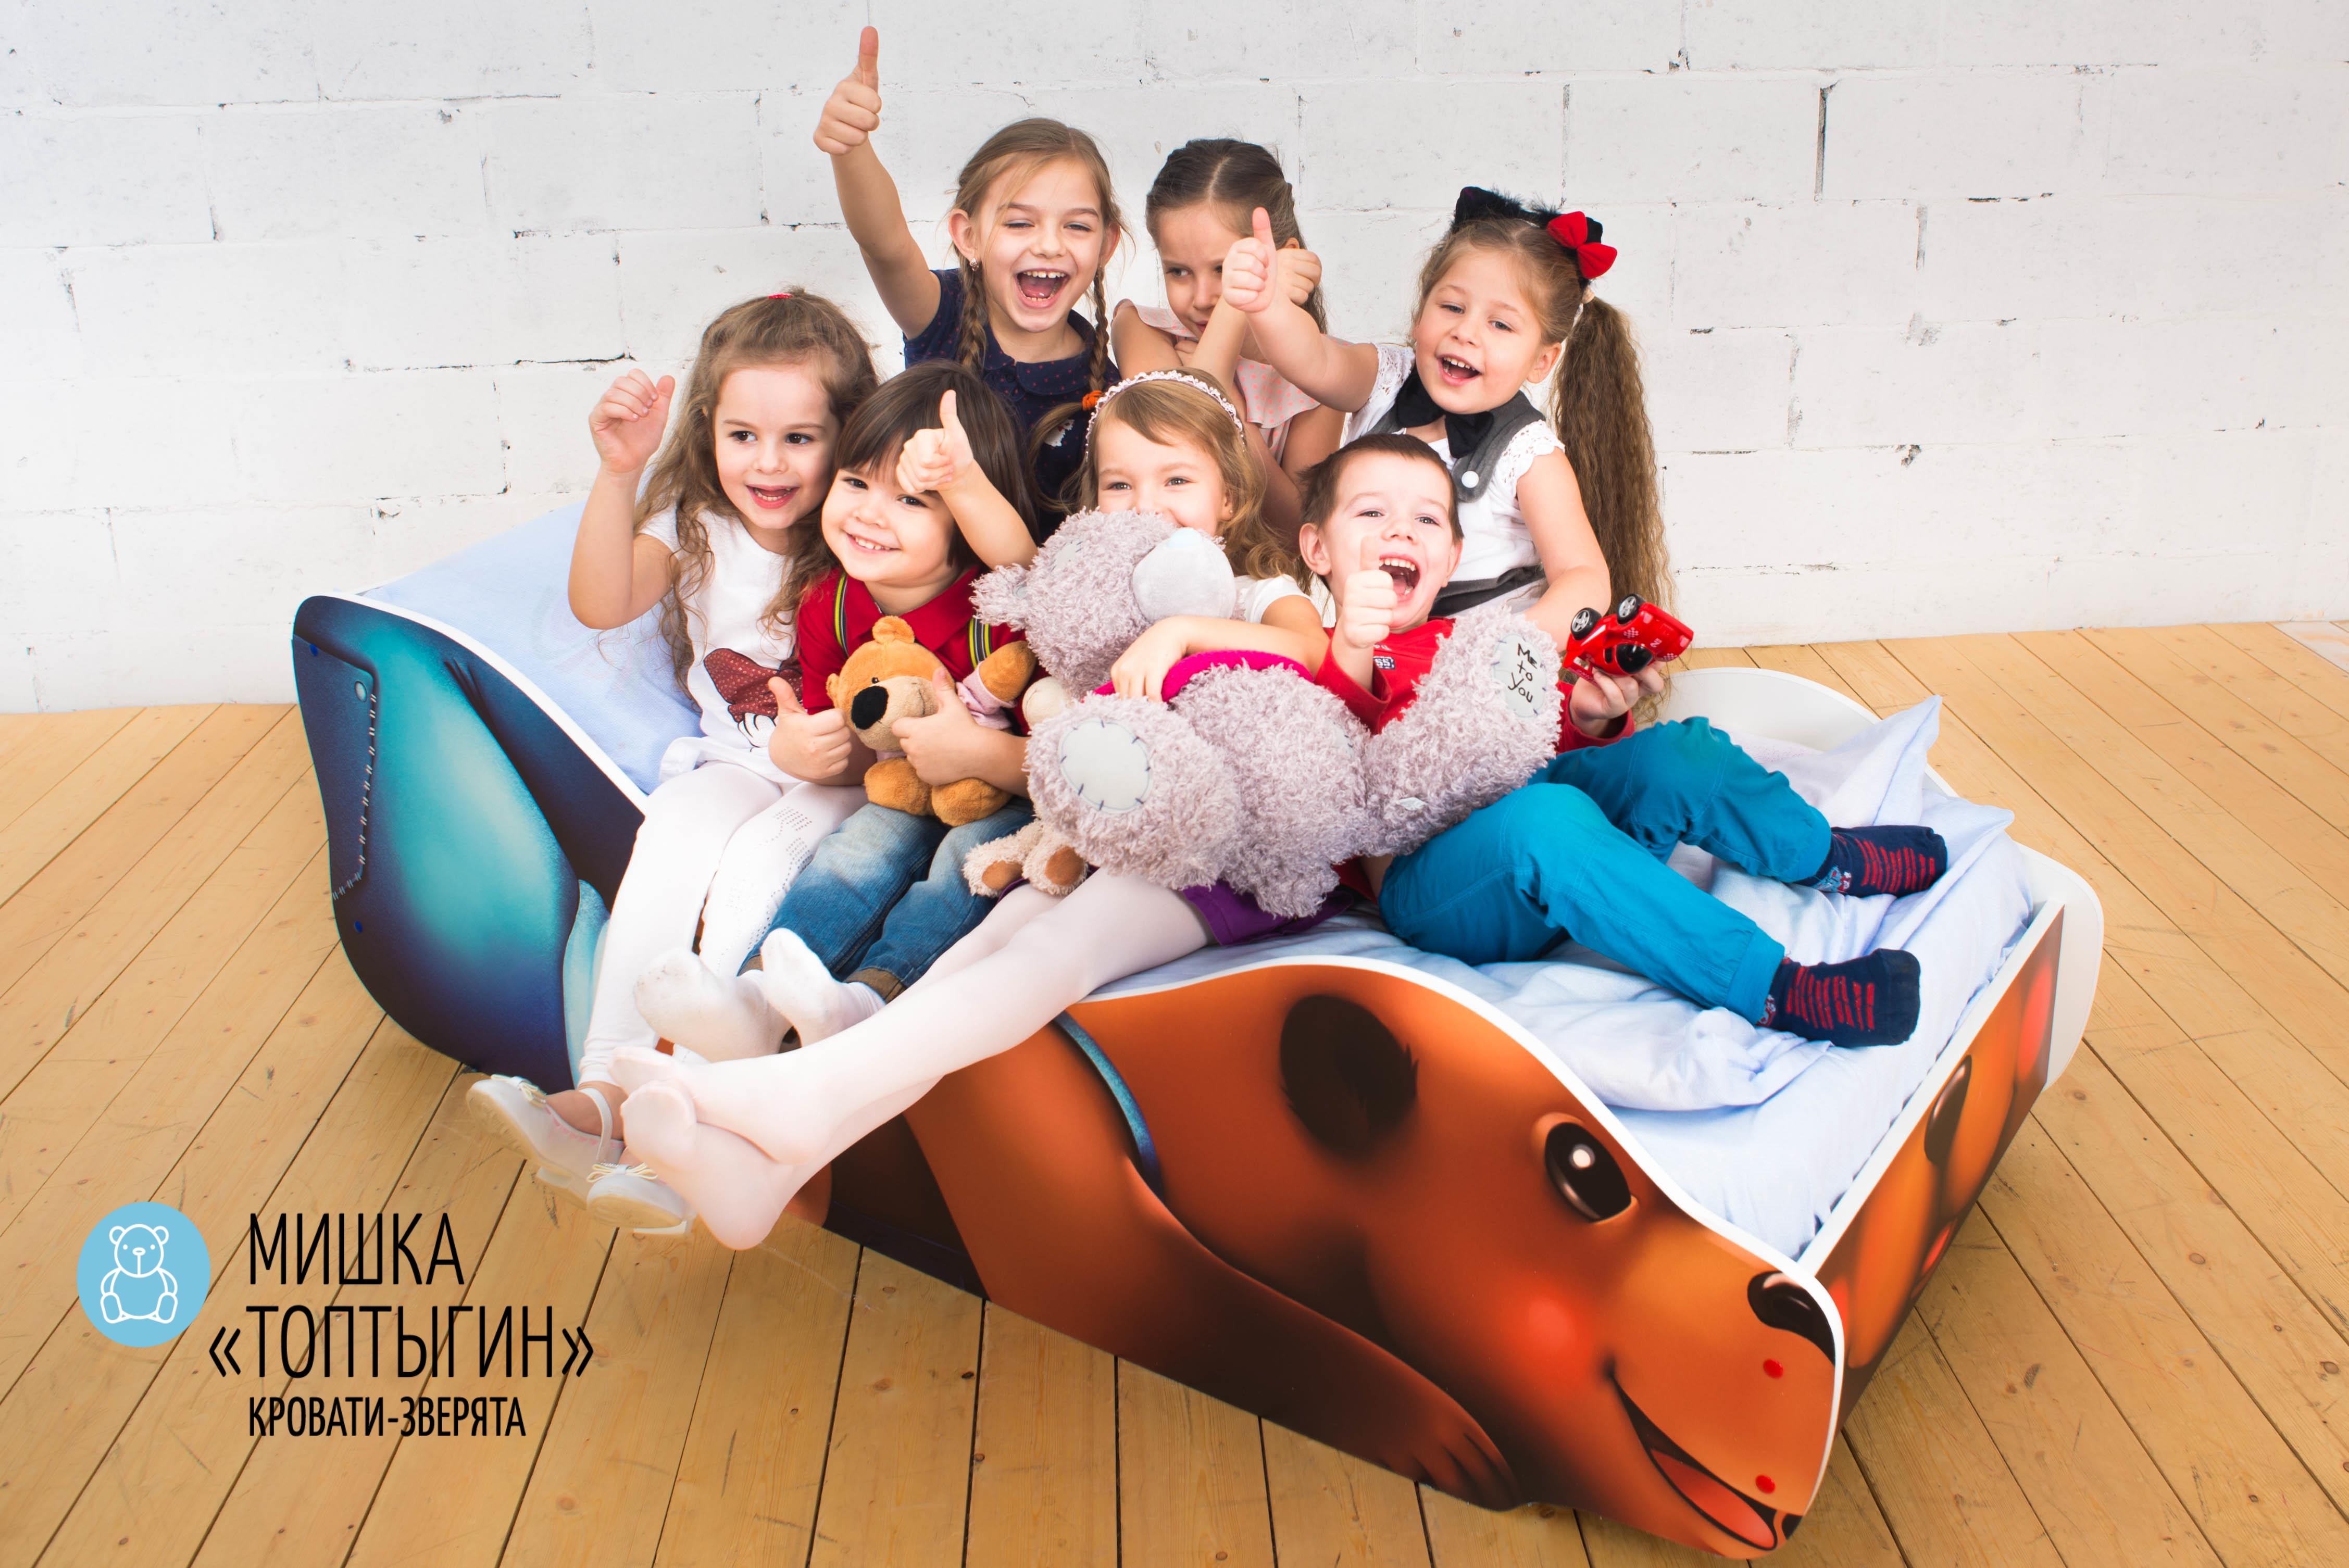 Детская кровать-зверенок -Мишка-Топтыгин-8